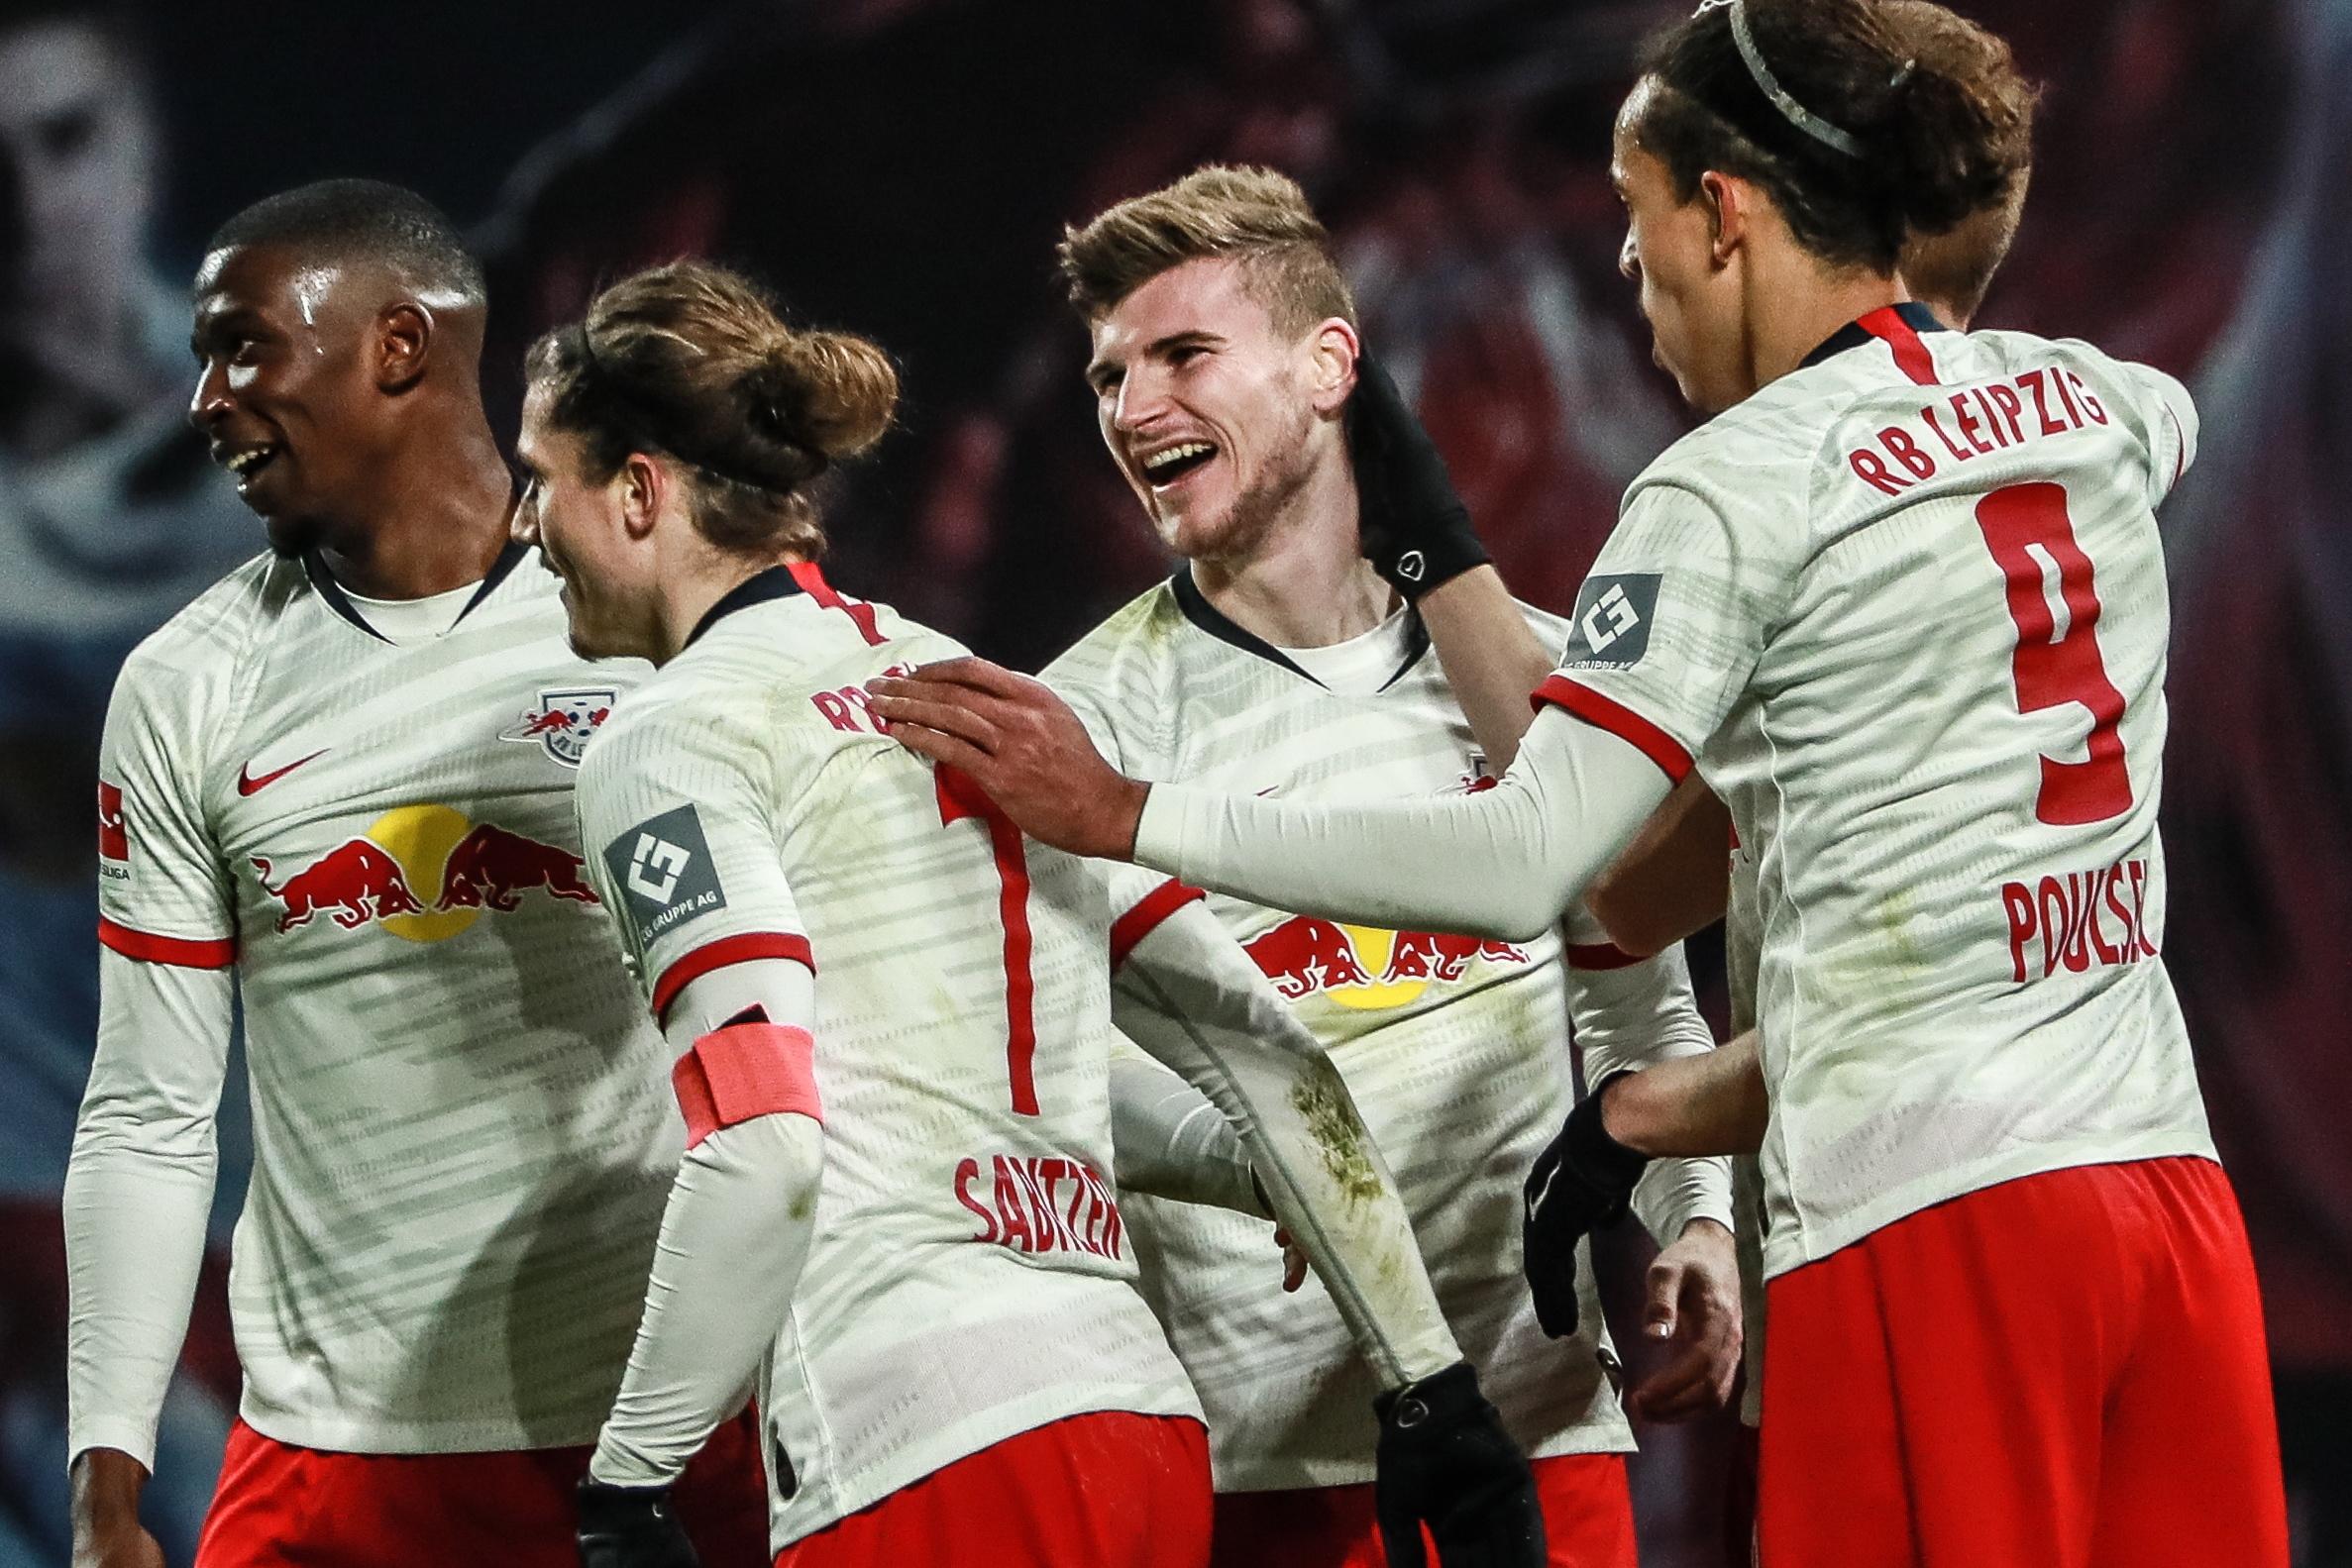 Leipzig vence União Berlim e reforça liderança do campeonato alemão